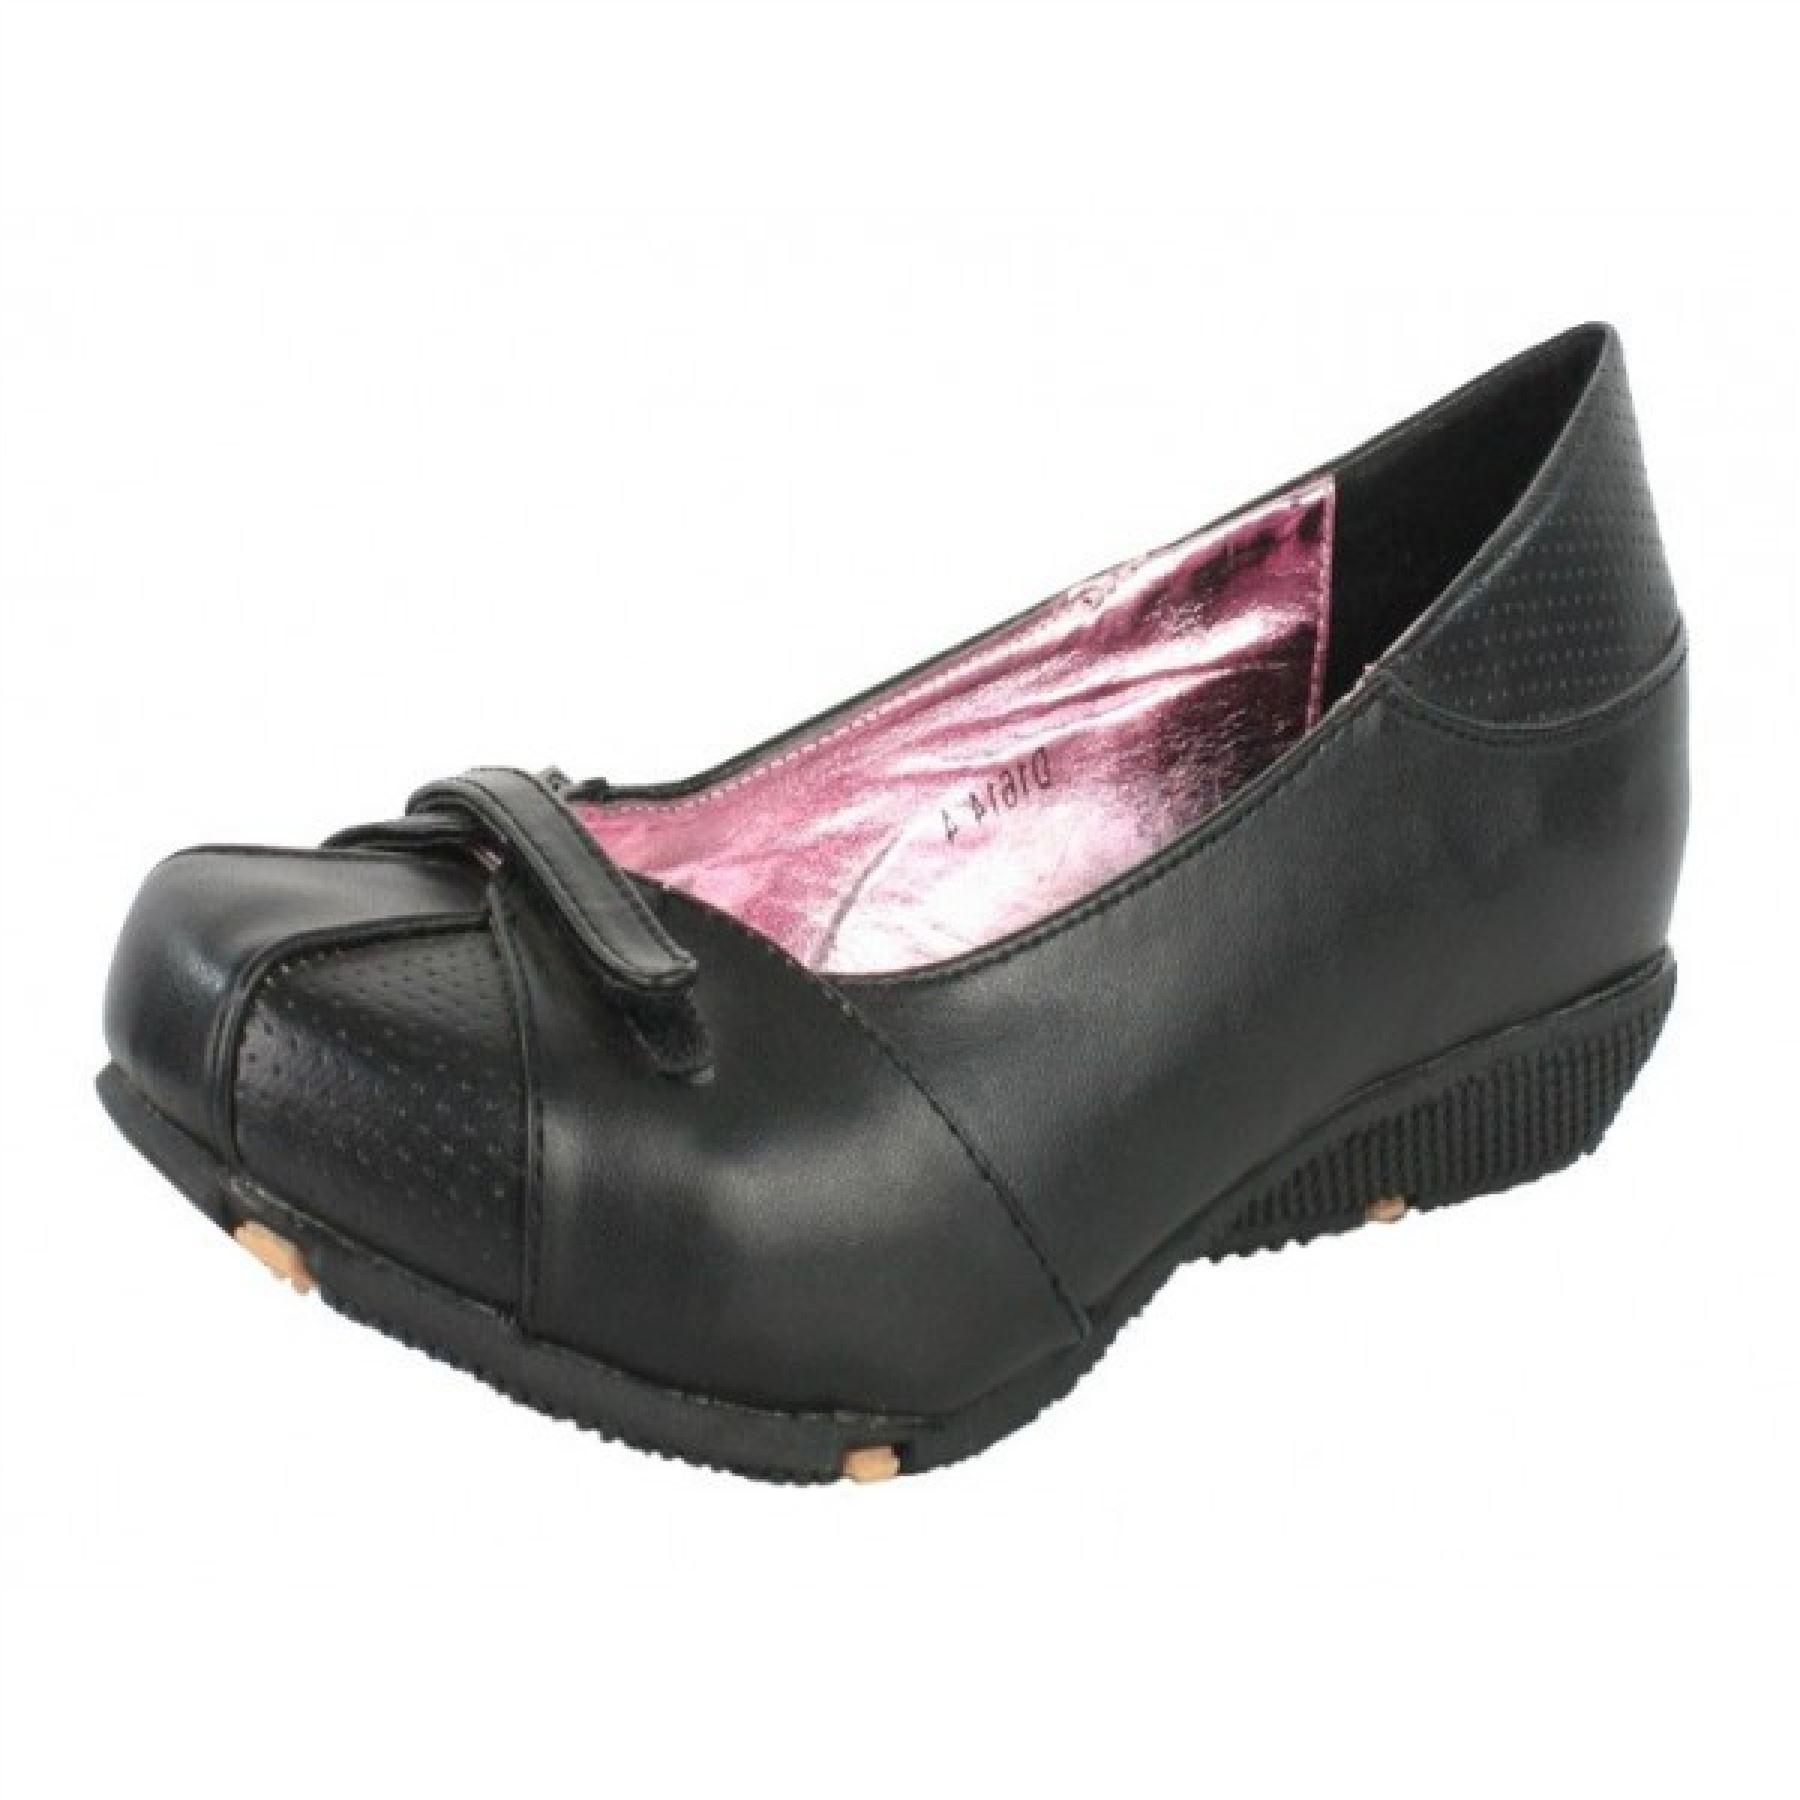 Ladies Womens Work Pump Shoes Girls Flat Black School ...